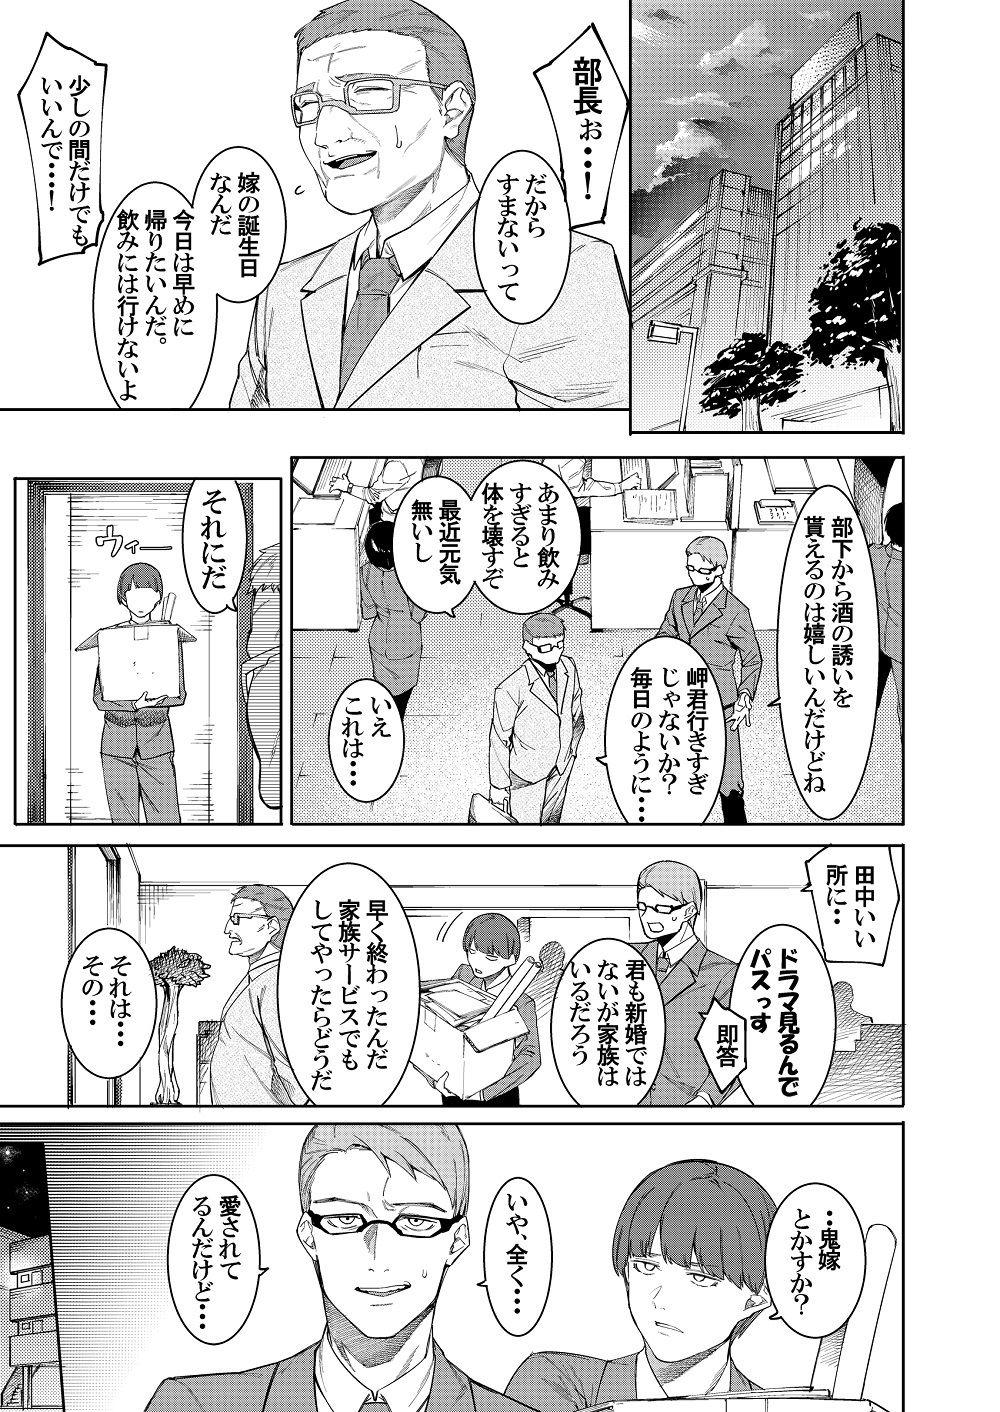 【エロ漫画無料大全集】【主婦えろまんが】性欲が強すぎる嫁にカラダがもたない…